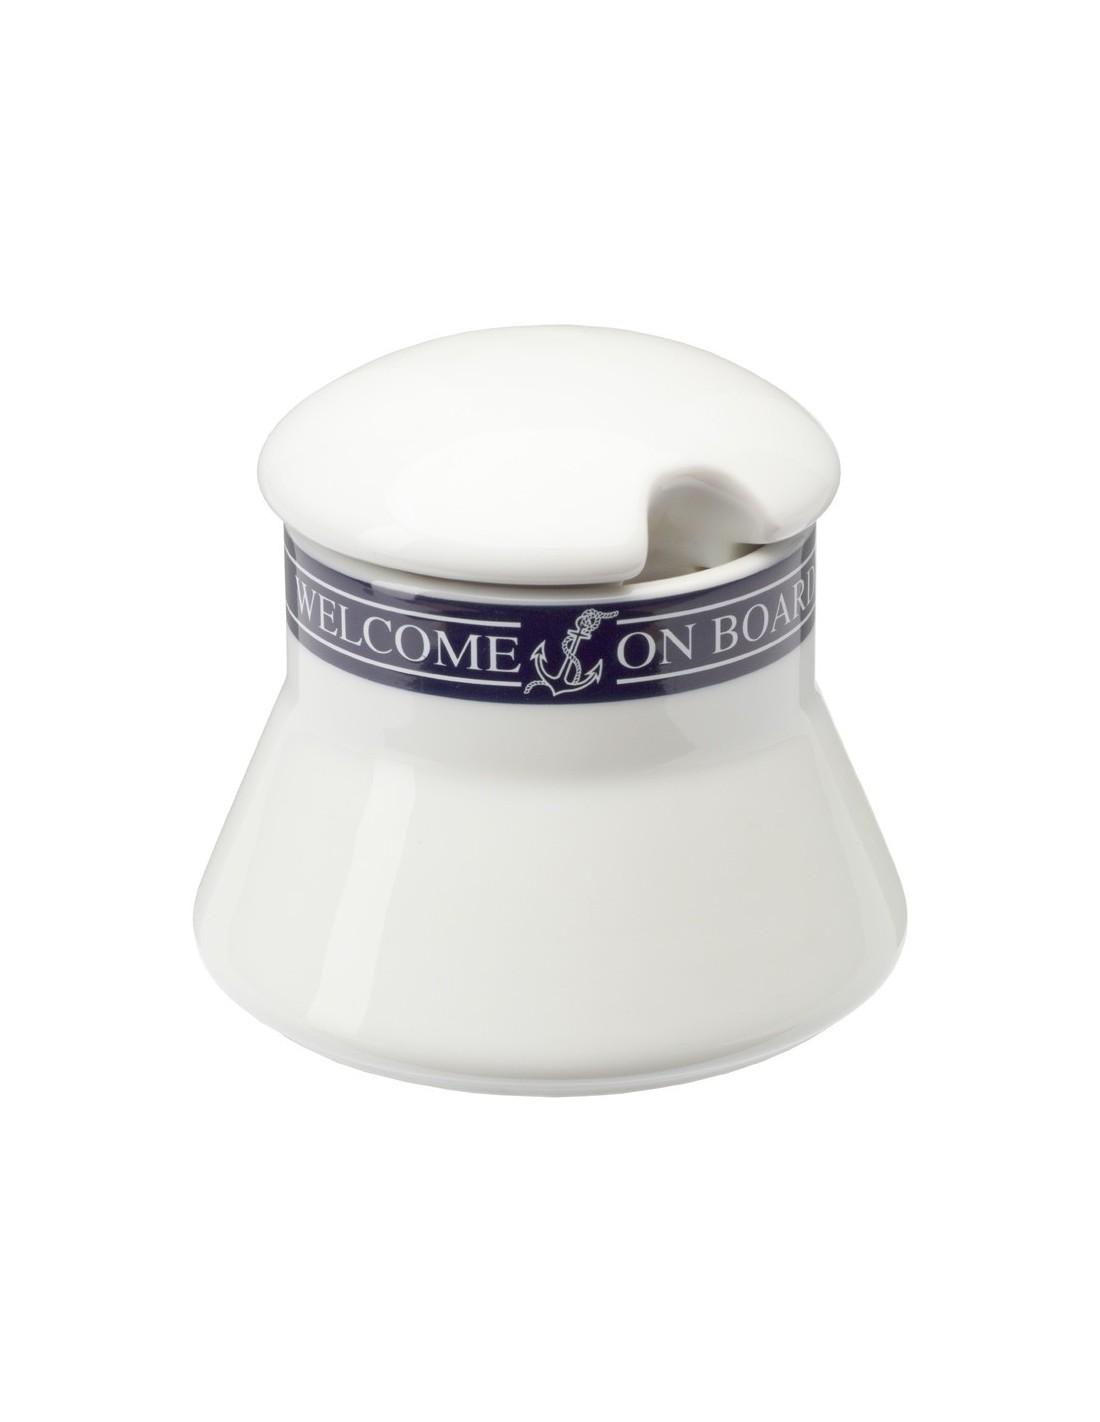 Suikerpot Met Deksel - Welcome On Board - Scheepsserviesgoed - 10019817